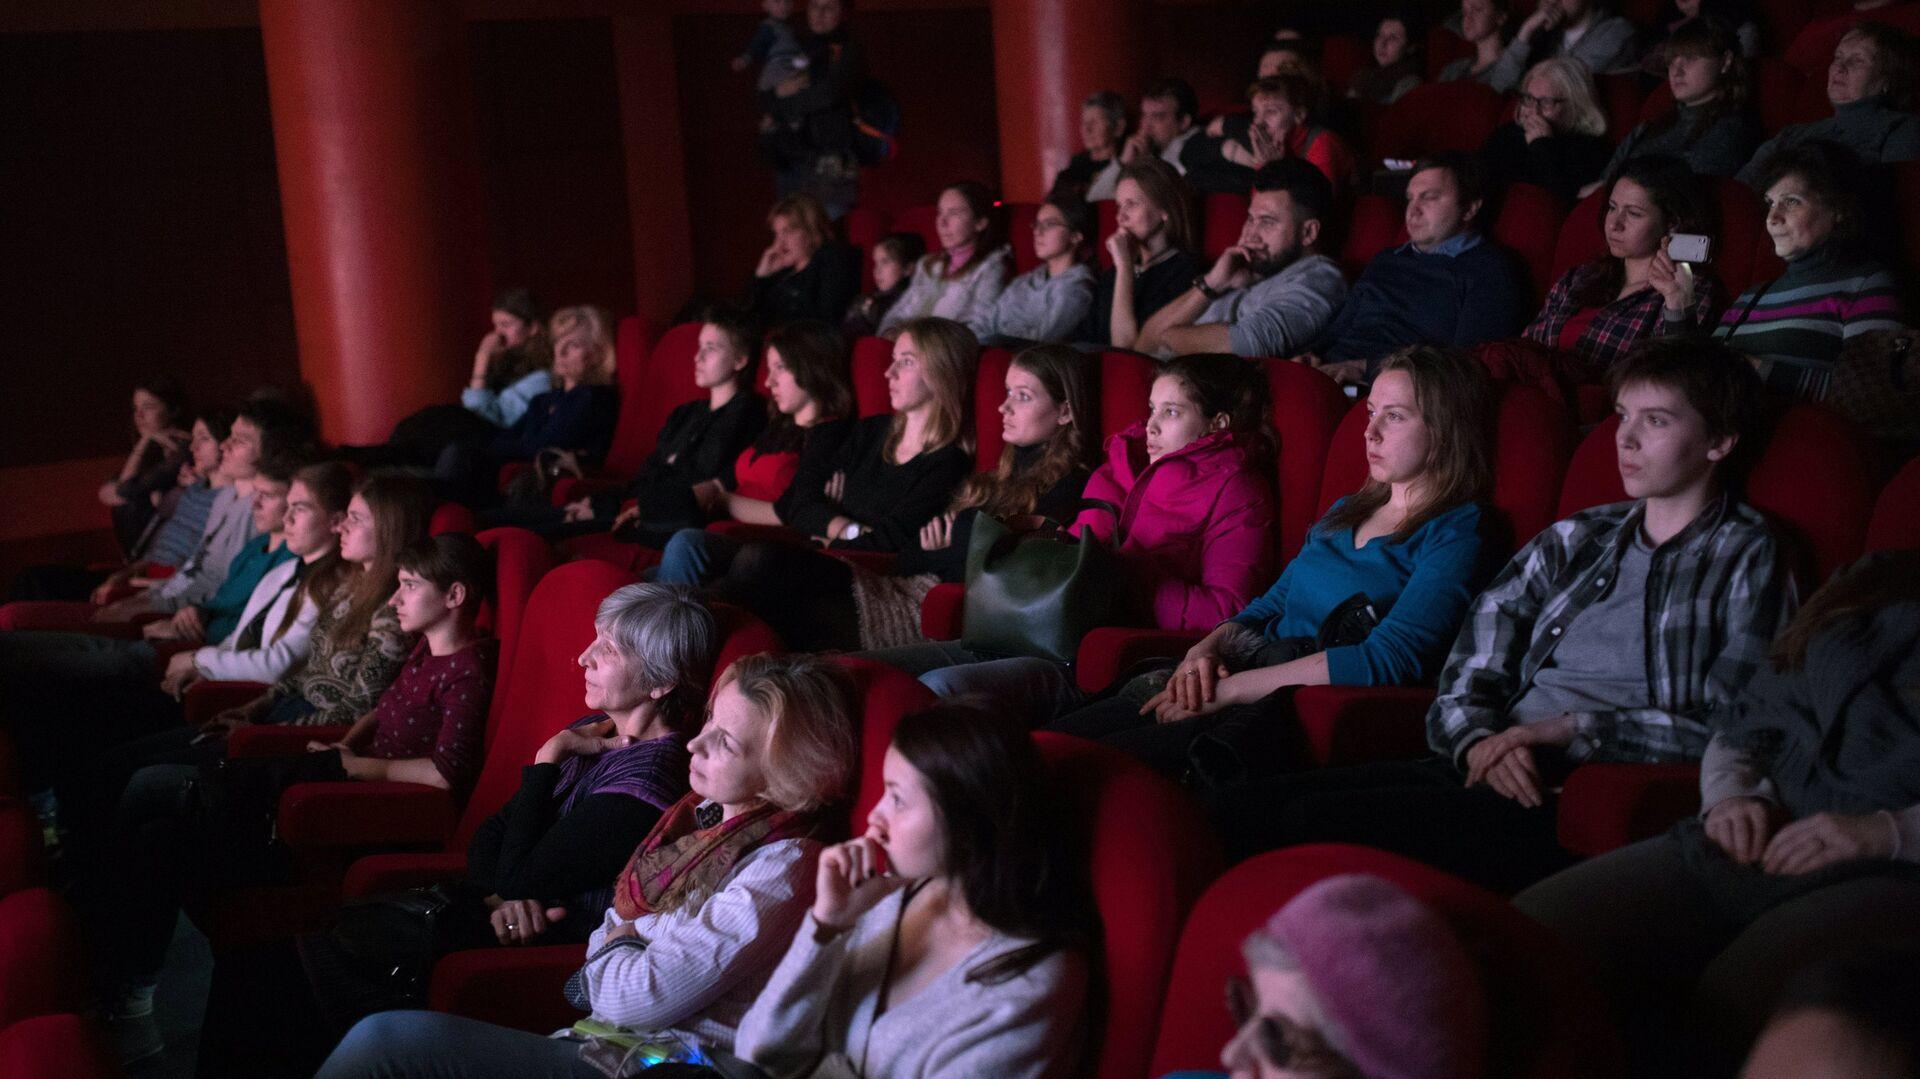 Зрители в кинотеатре. Архивное фото - РИА Новости, 1920, 03.03.2021